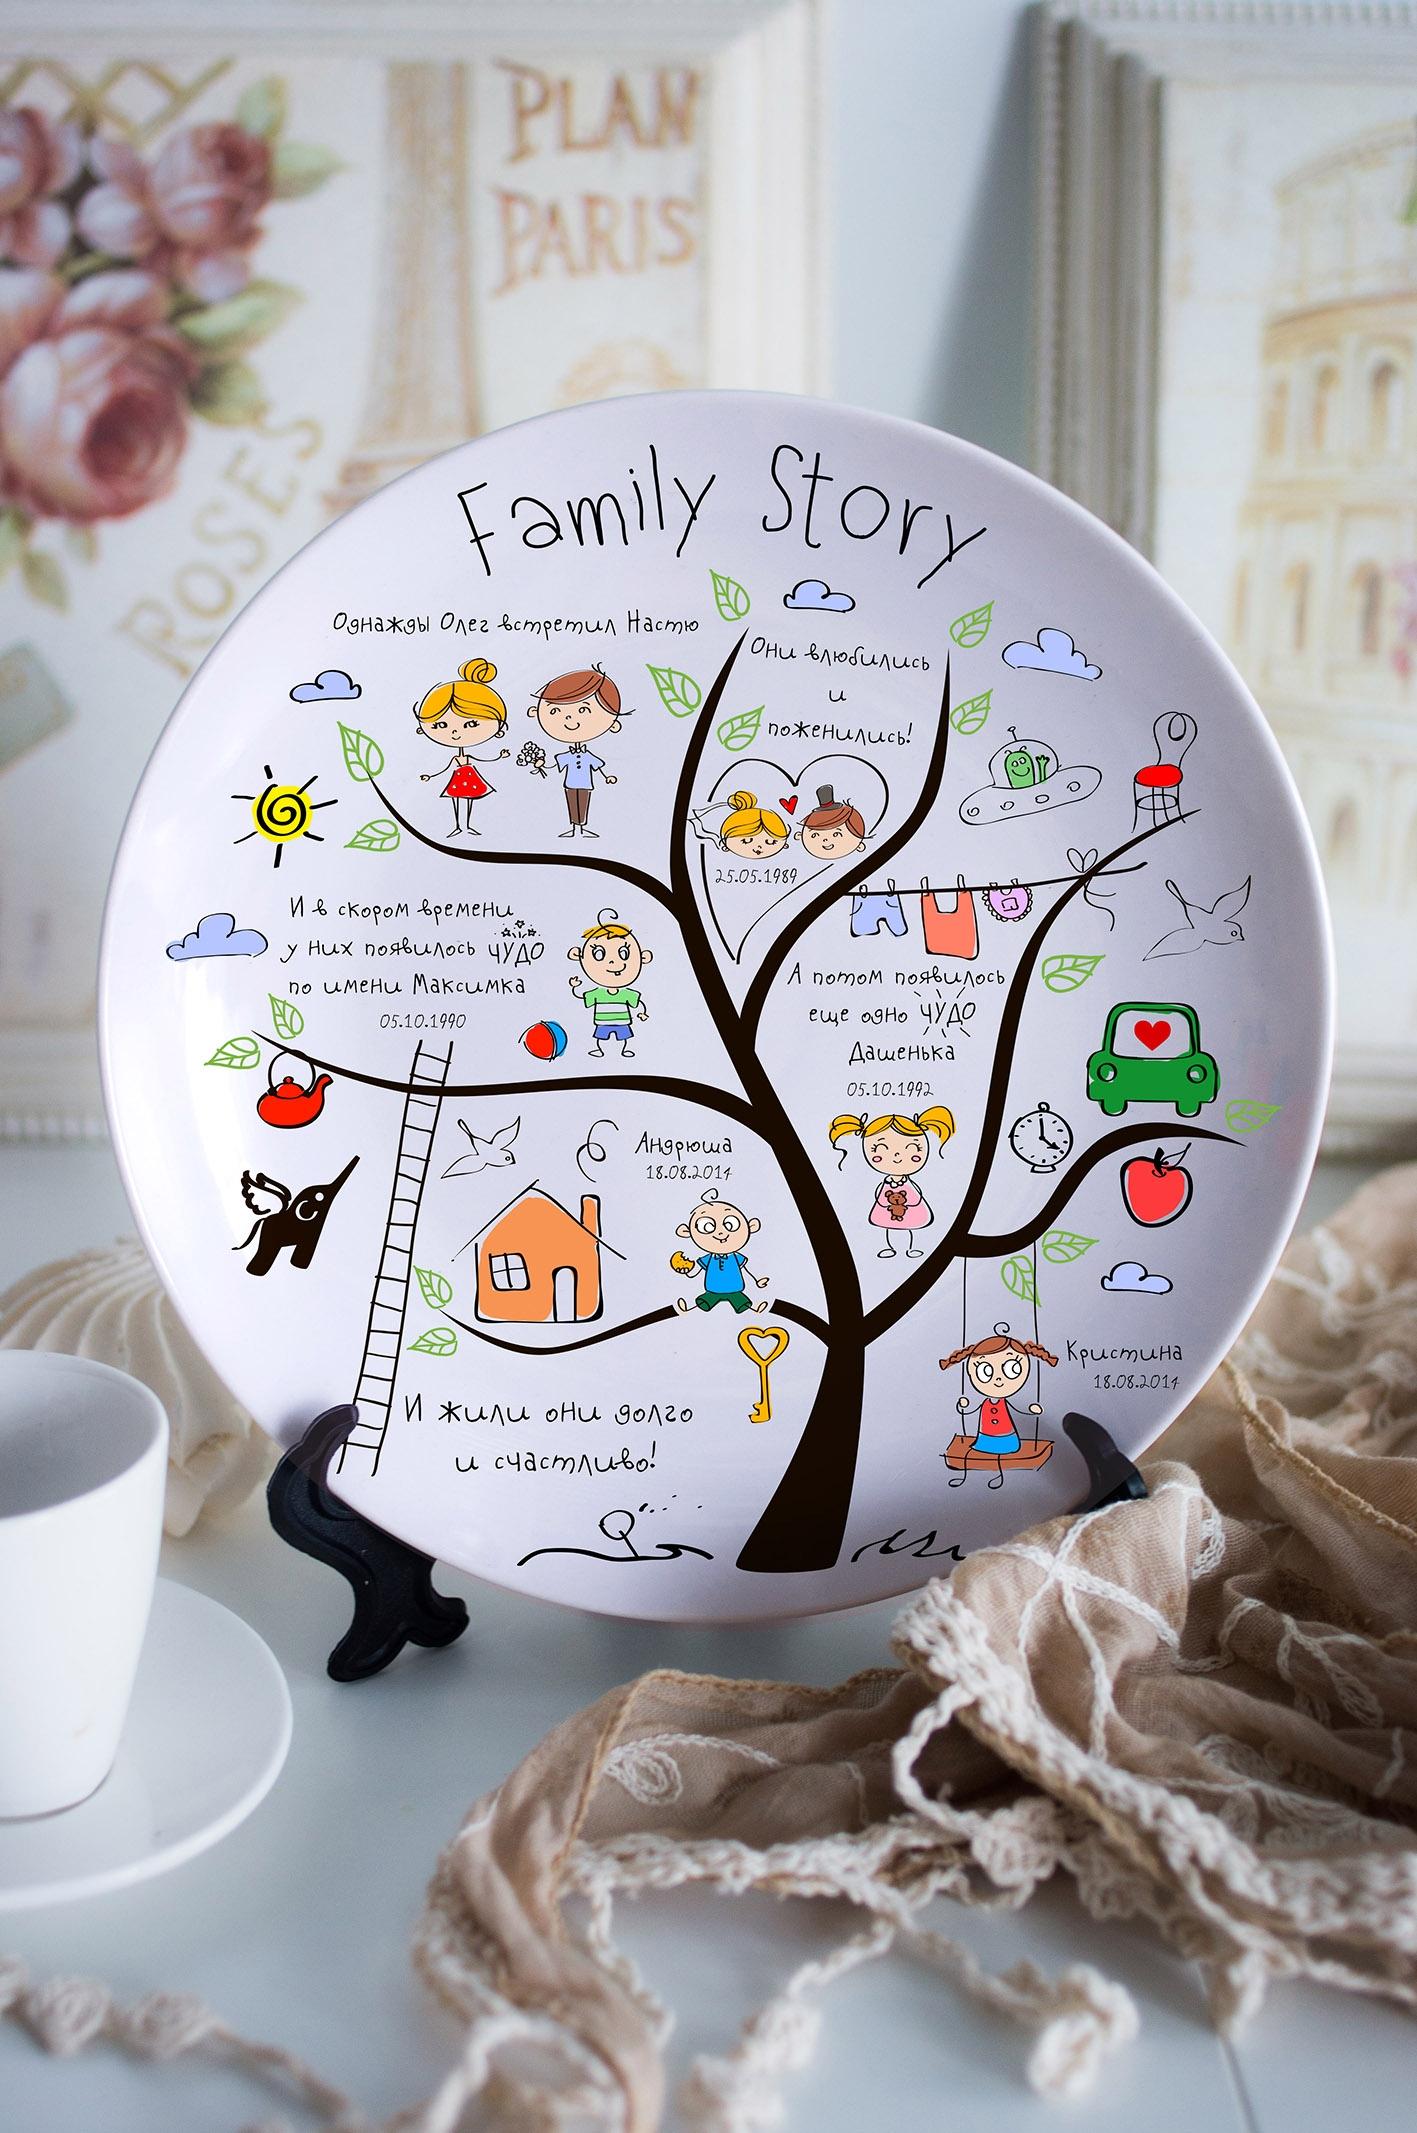 Тарелка декоративная с вашим текстом Family  StoryТарелки и пиалы<br>Подарите необыкновенный сувенир с индивидуальной надписью и именем – такая декоративная тарелка станет эксклюзивным украшением для интерьера и незабываемым подарком! Выберите понравившийся фон, впишите любимую фразу, имя получателя. Диаметр 20см<br>